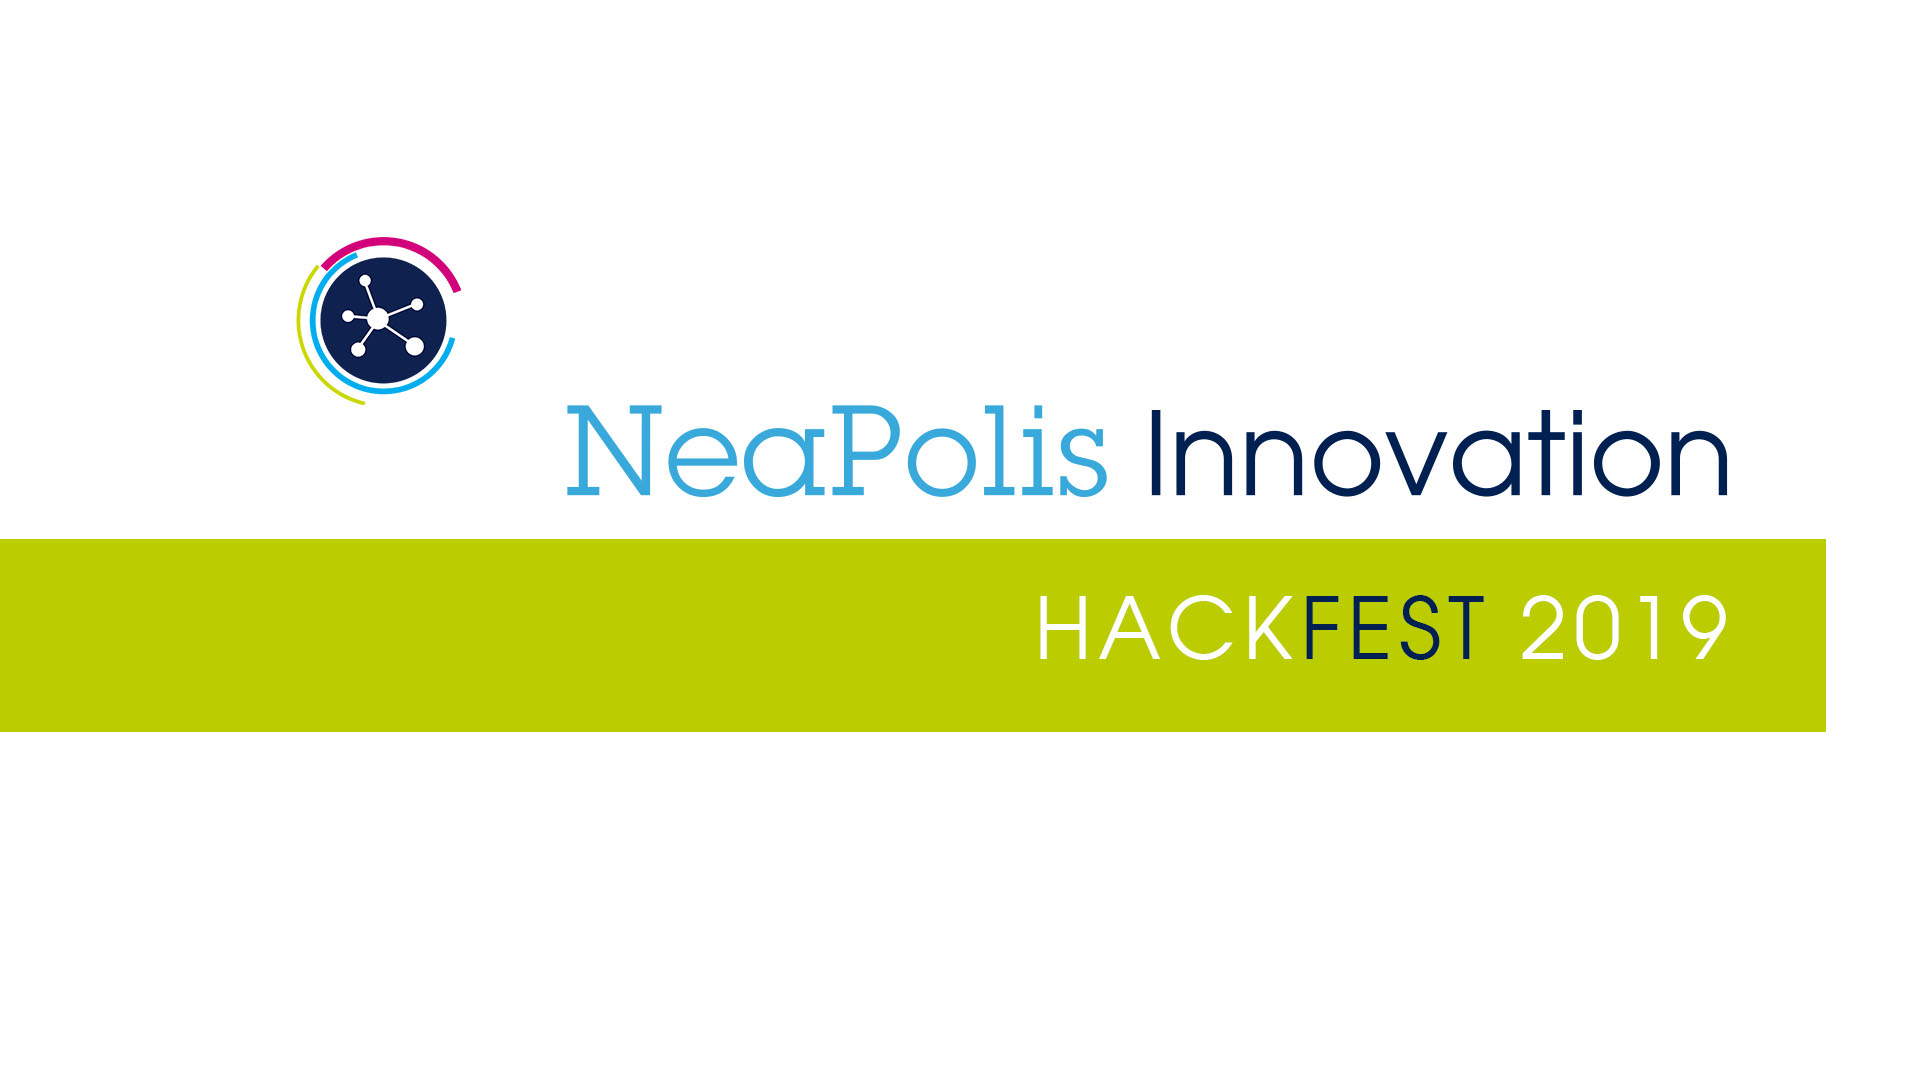 HackFest 2019